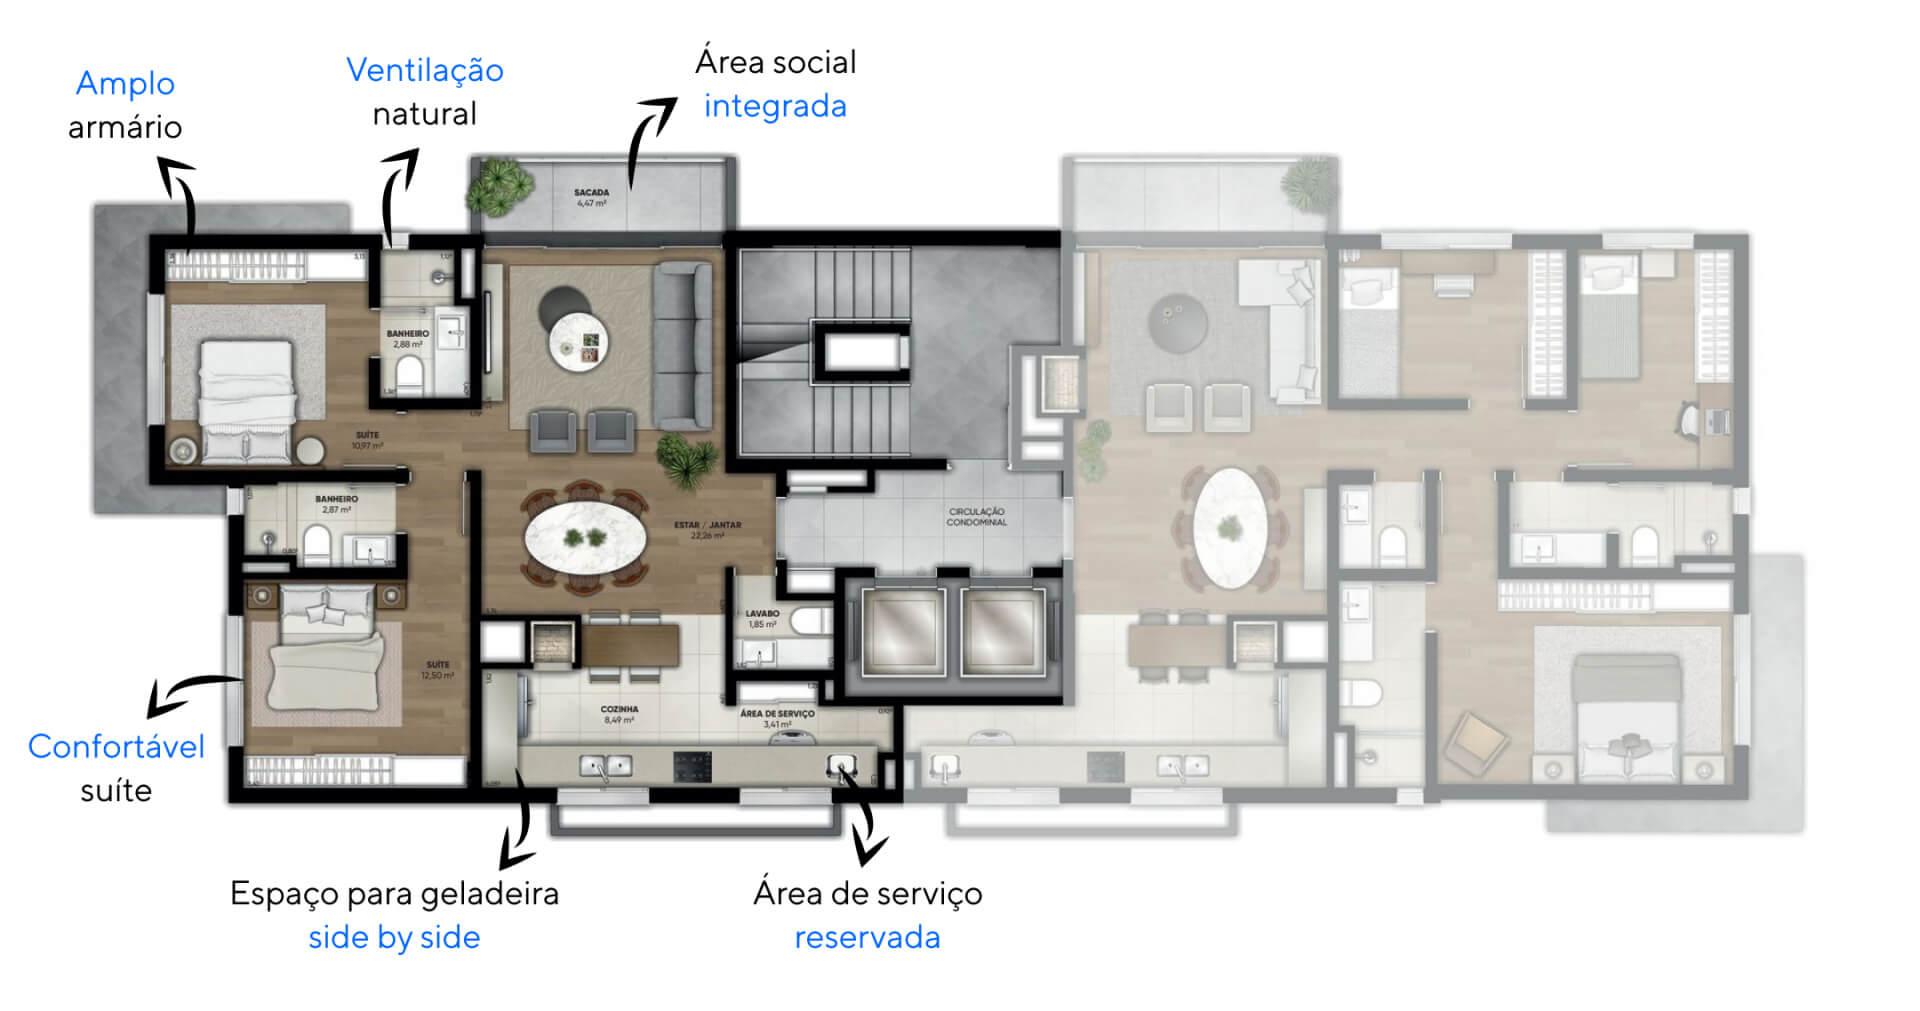 """87 M² - 2 SUÍTES. Apartamentos do Montecarlo com cozinha em """"L"""" com espaço para geladeira side by side e churrasqueira entregue. Destaque para as duas suítes com cama de casal, amplo armário e banheiro com iluminação natural."""